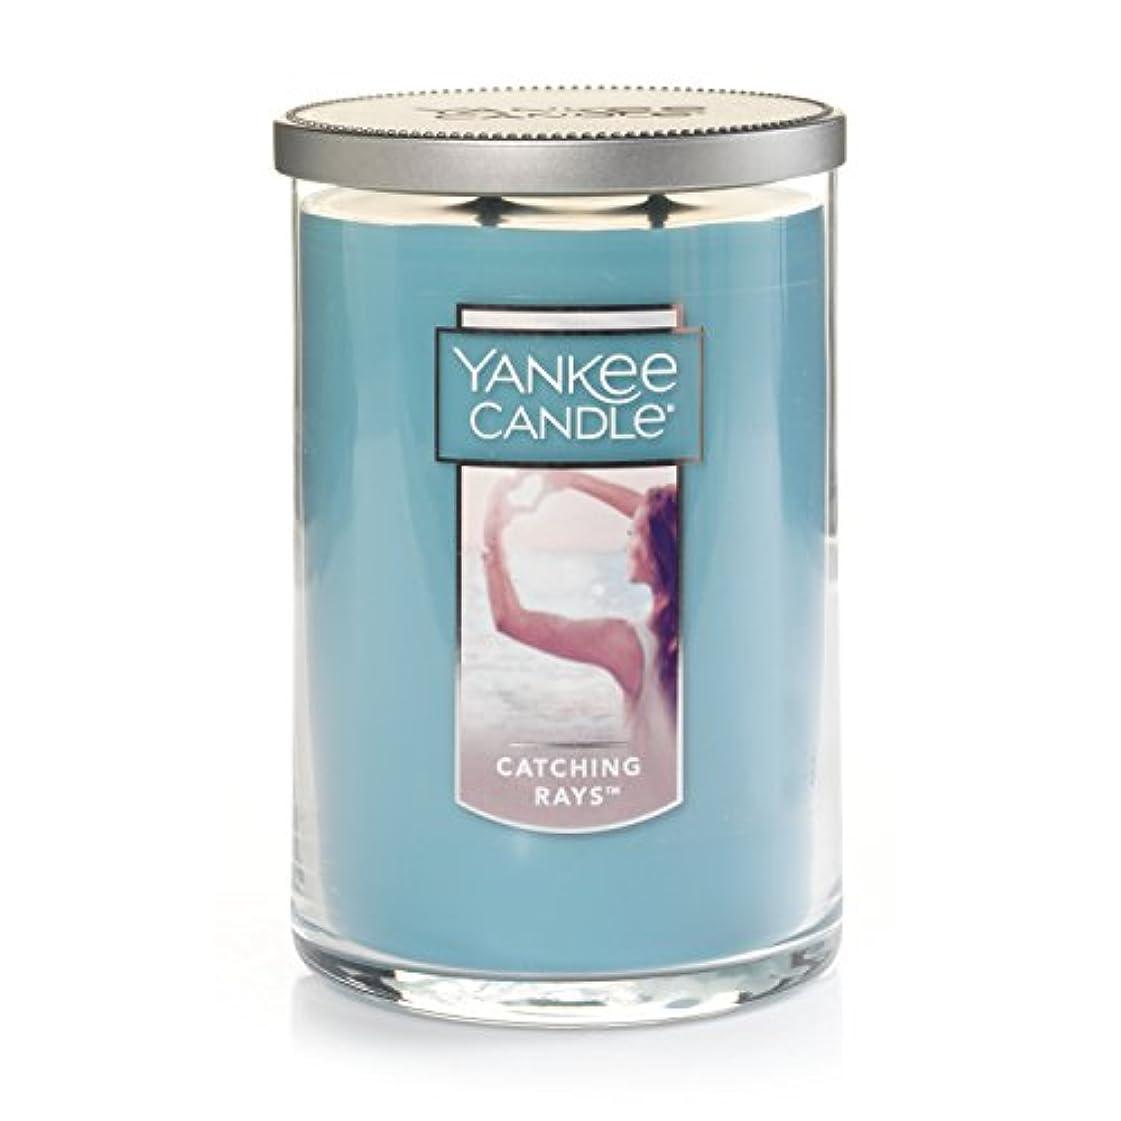 避難する電子レンジ星(ヤンキーキャンドル) Yankee Candle Lサイズ ジャーキャンドル Large 2-Wick Tumbler Candle ブルー 1351630Z